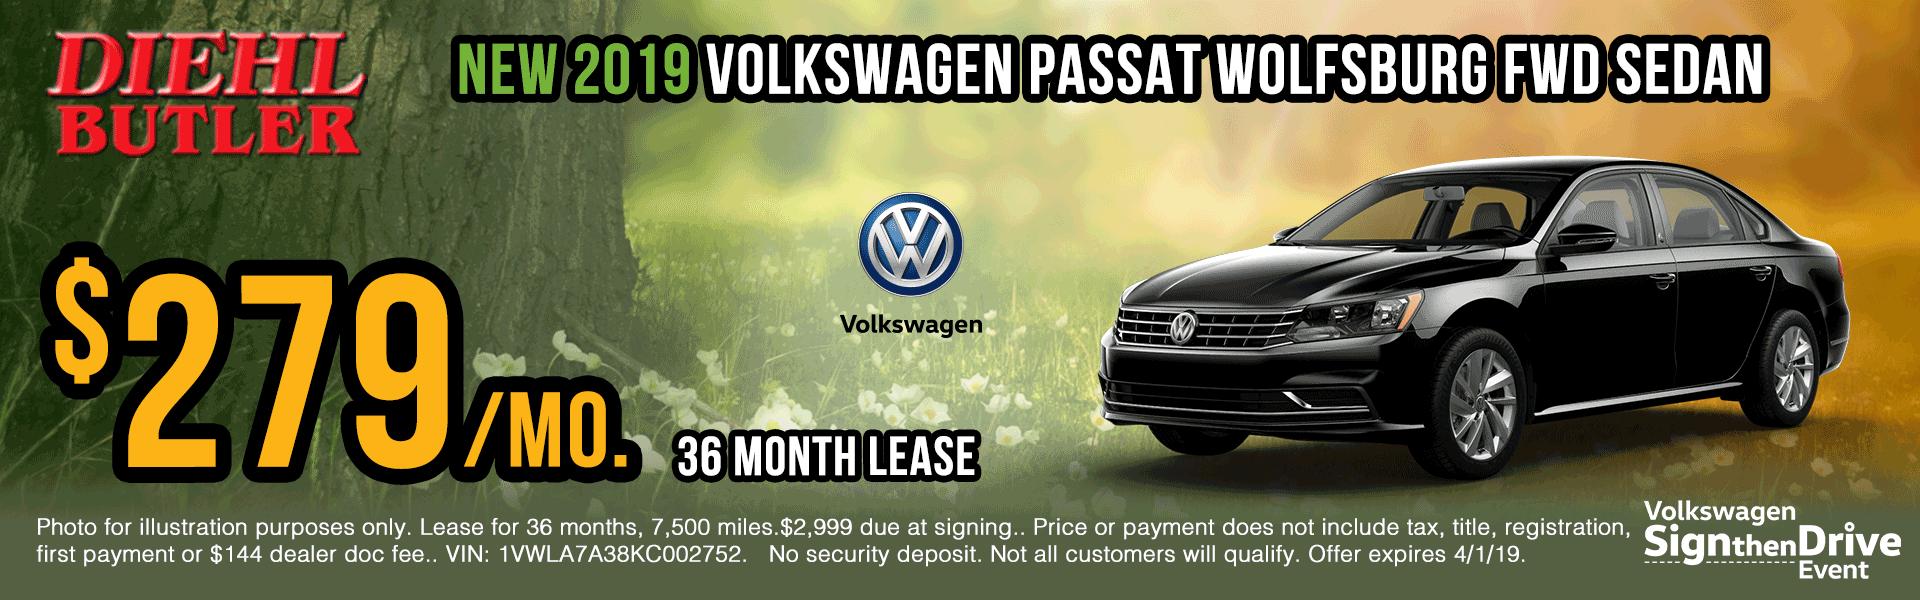 V191102-vw-passat-wolfsburg sign then drive event Volkswagen specials diehl auto Diehl vw new vehicle specials butler pa